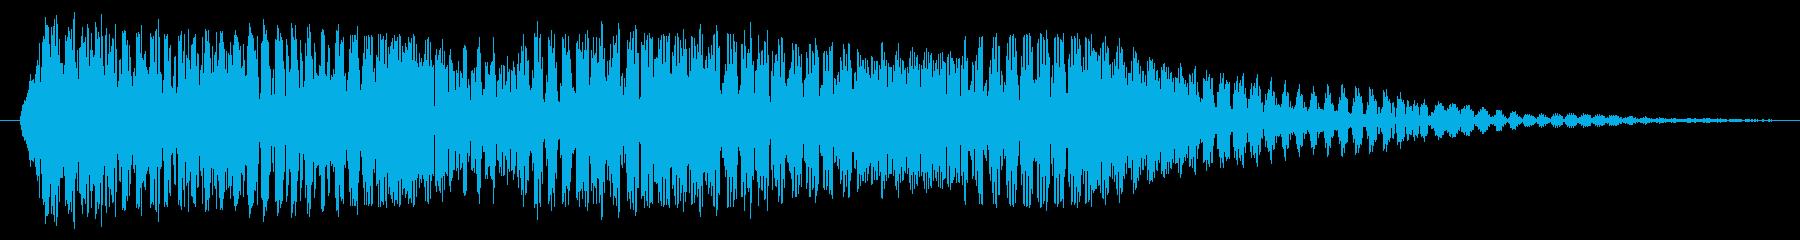 重い電子シンセの振動の影響の再生済みの波形